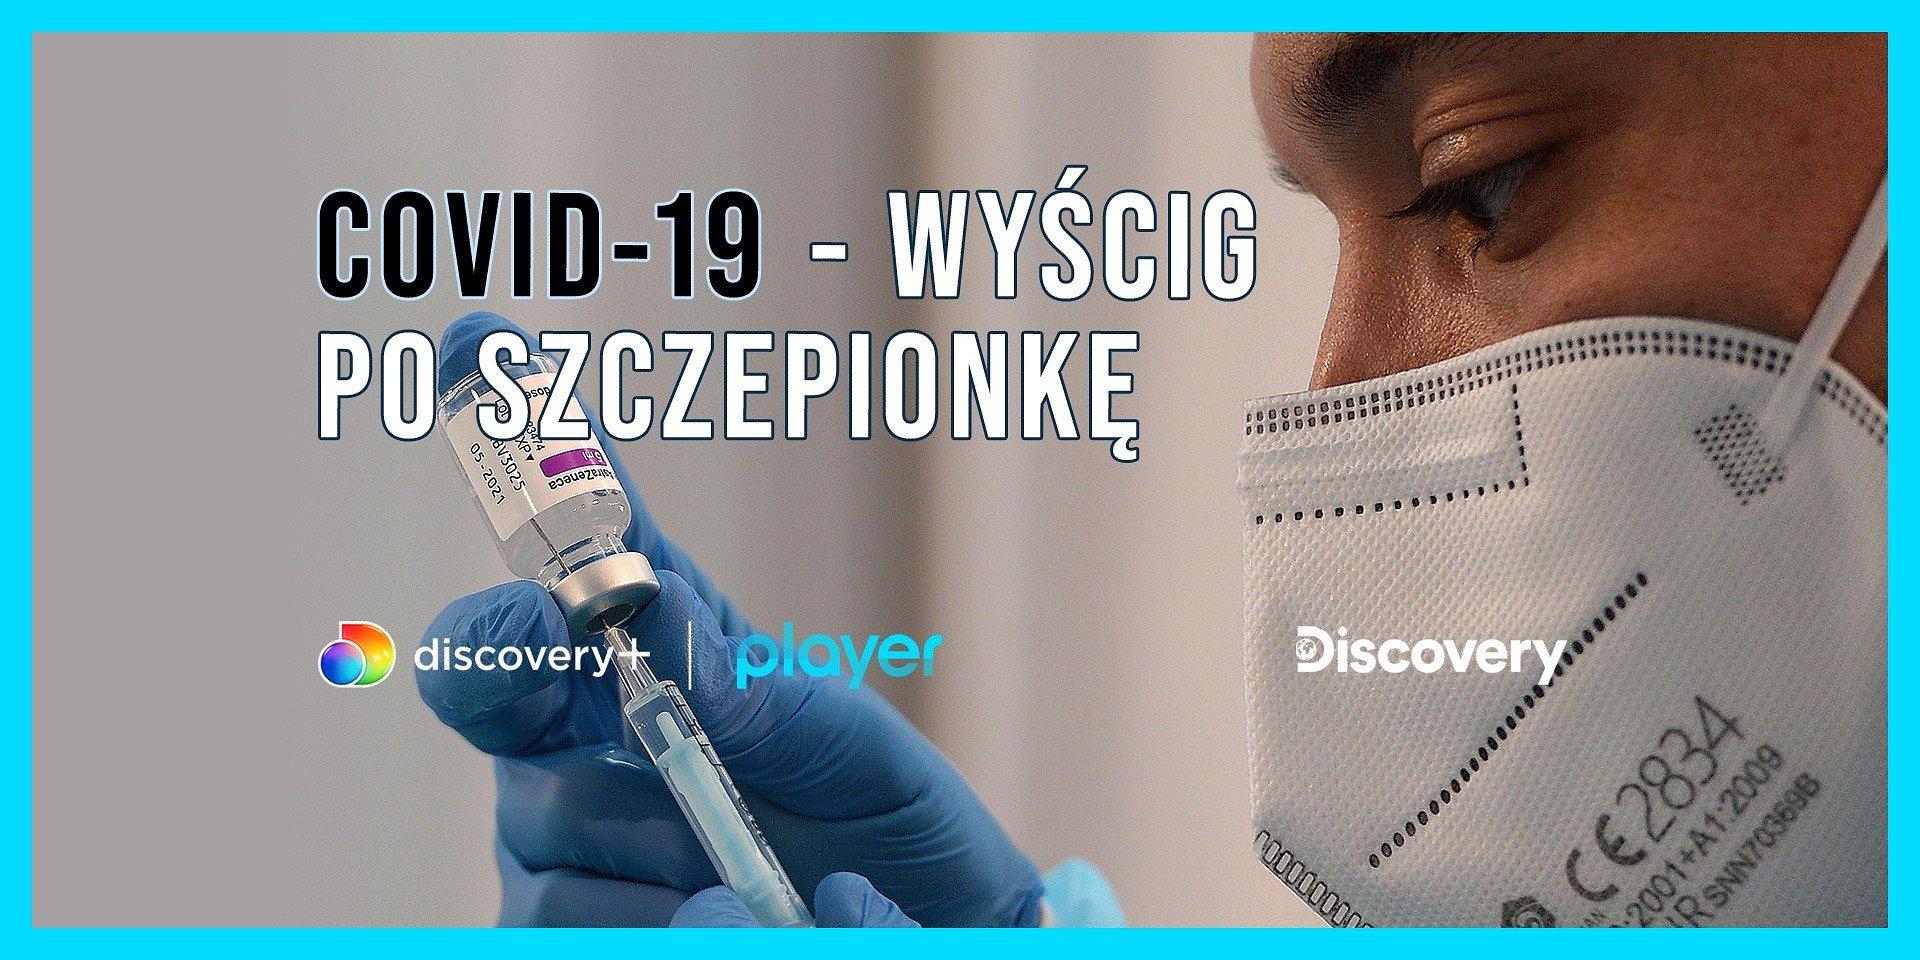 Discovery Channel i Player pokażą wyścig po szczepionkę na Covid-19